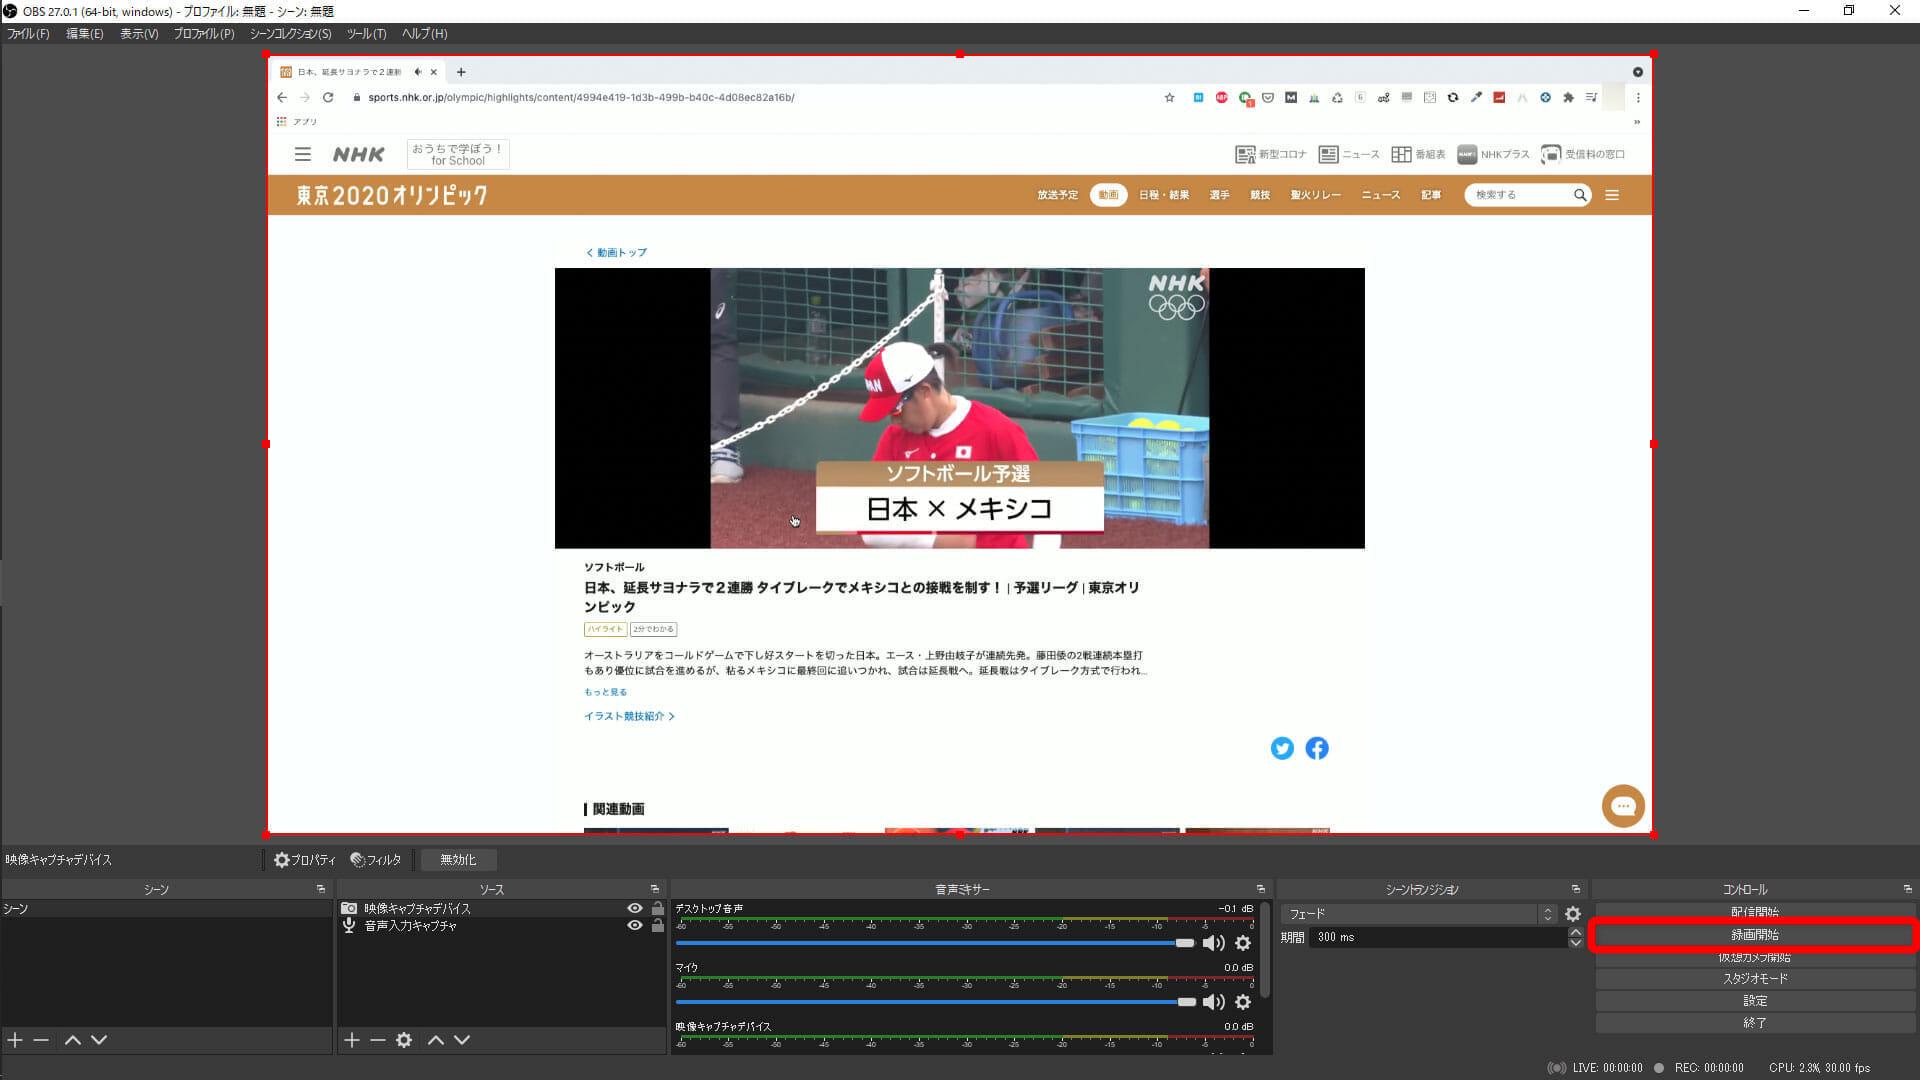 役立つ知識 【オリンピックのライブ配信&見逃し配信を録画する方法】東京2020オリンピックのライブ配信・見逃し配信をパソコンで録画する方法 録画方法:あとはOBS Studioの操作画面右側にある「録画開始」をクリックして、録画を開始するだけです。